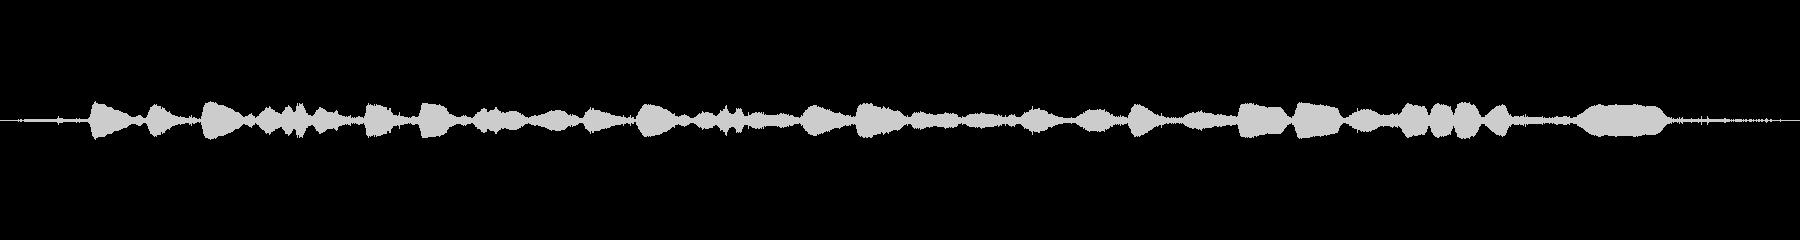 安らぎの波音と幻想的なバイオリンギターの未再生の波形